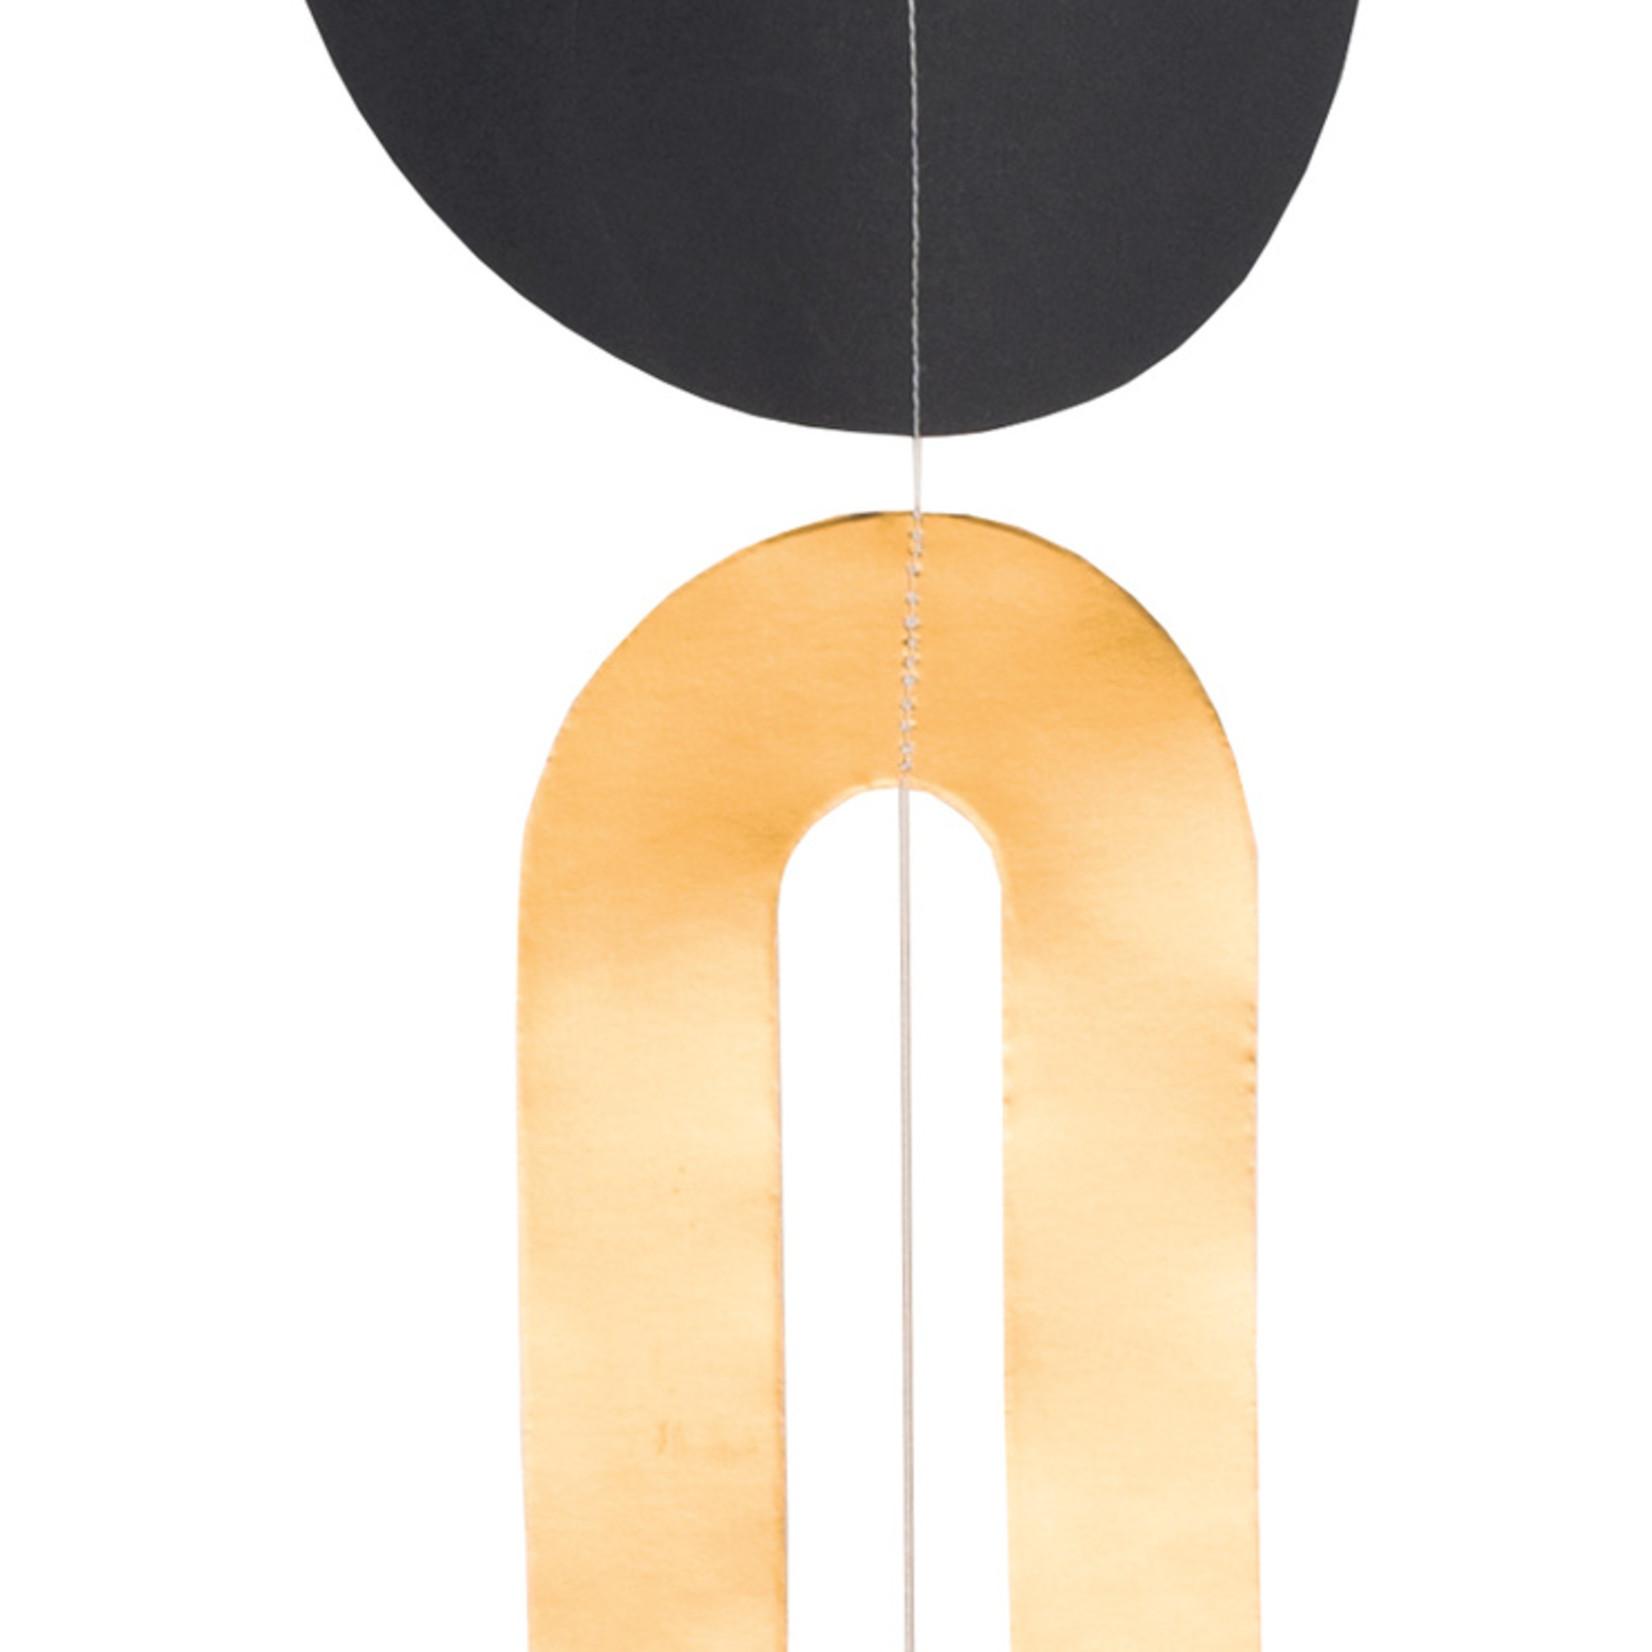 Räder Design Kette oval und Kreise